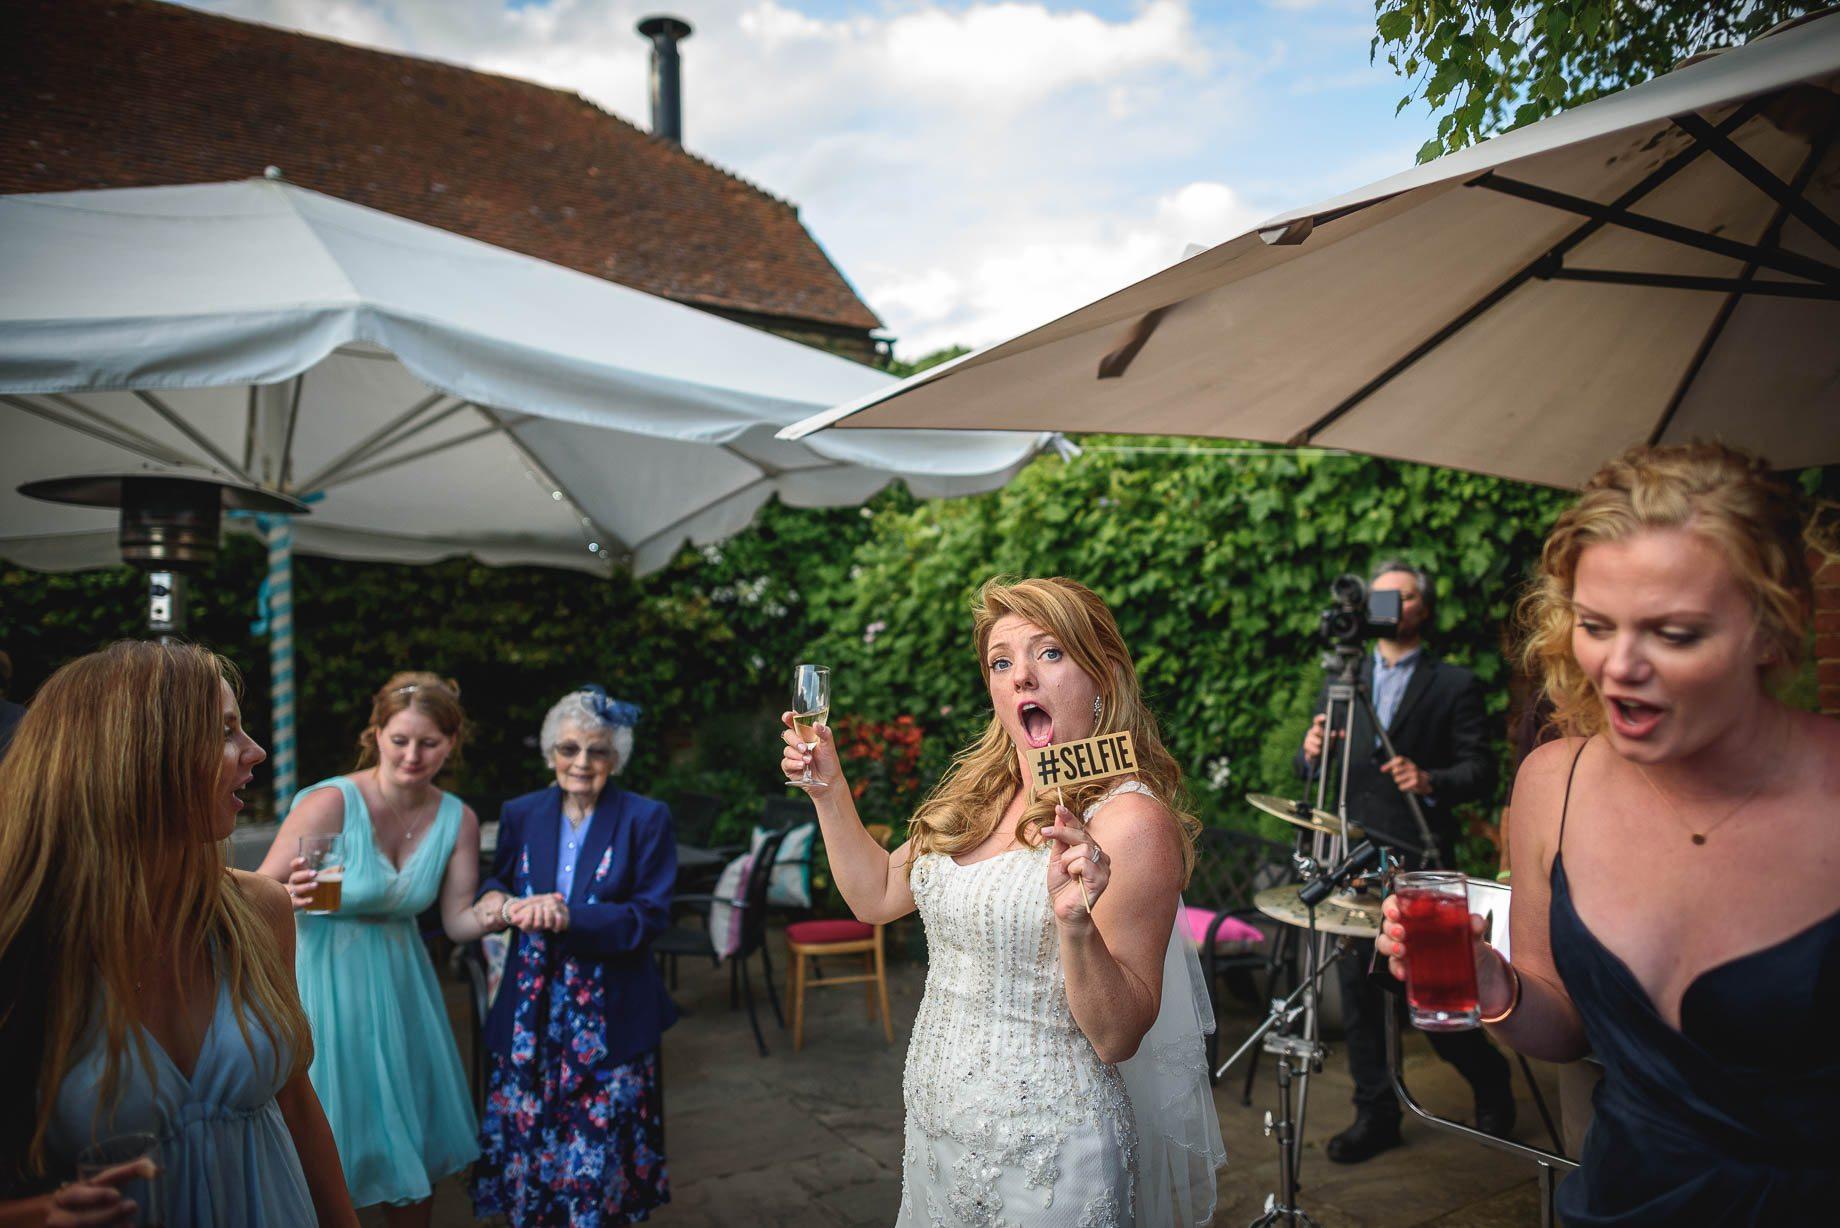 Bartholomew Barns wedding photography - Louise and Spencer (136 of 151)